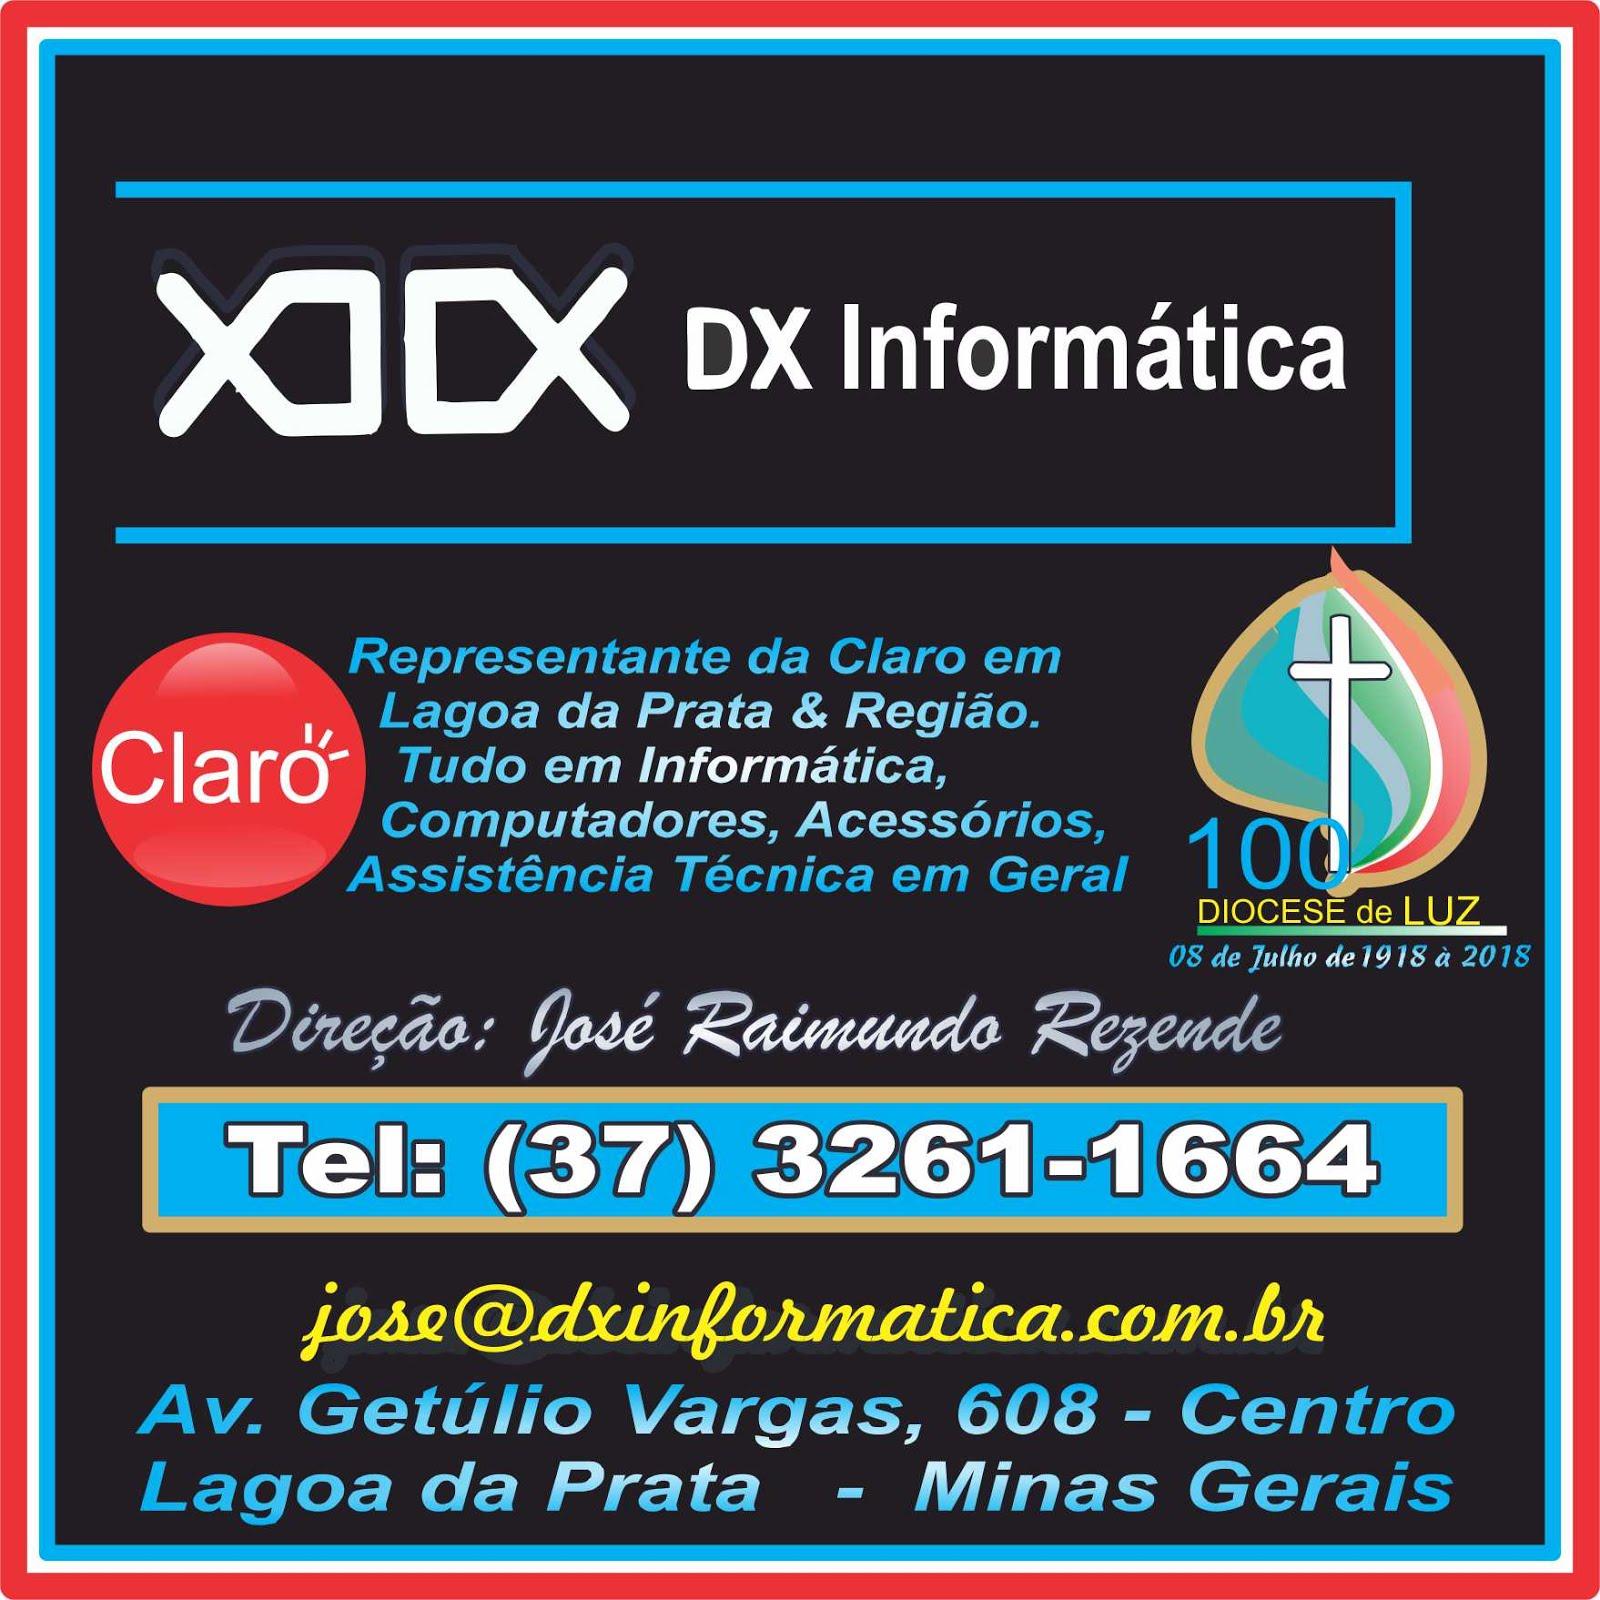 *** DX Informática - Tels: (37) 3261-1664 / 3261-1080***